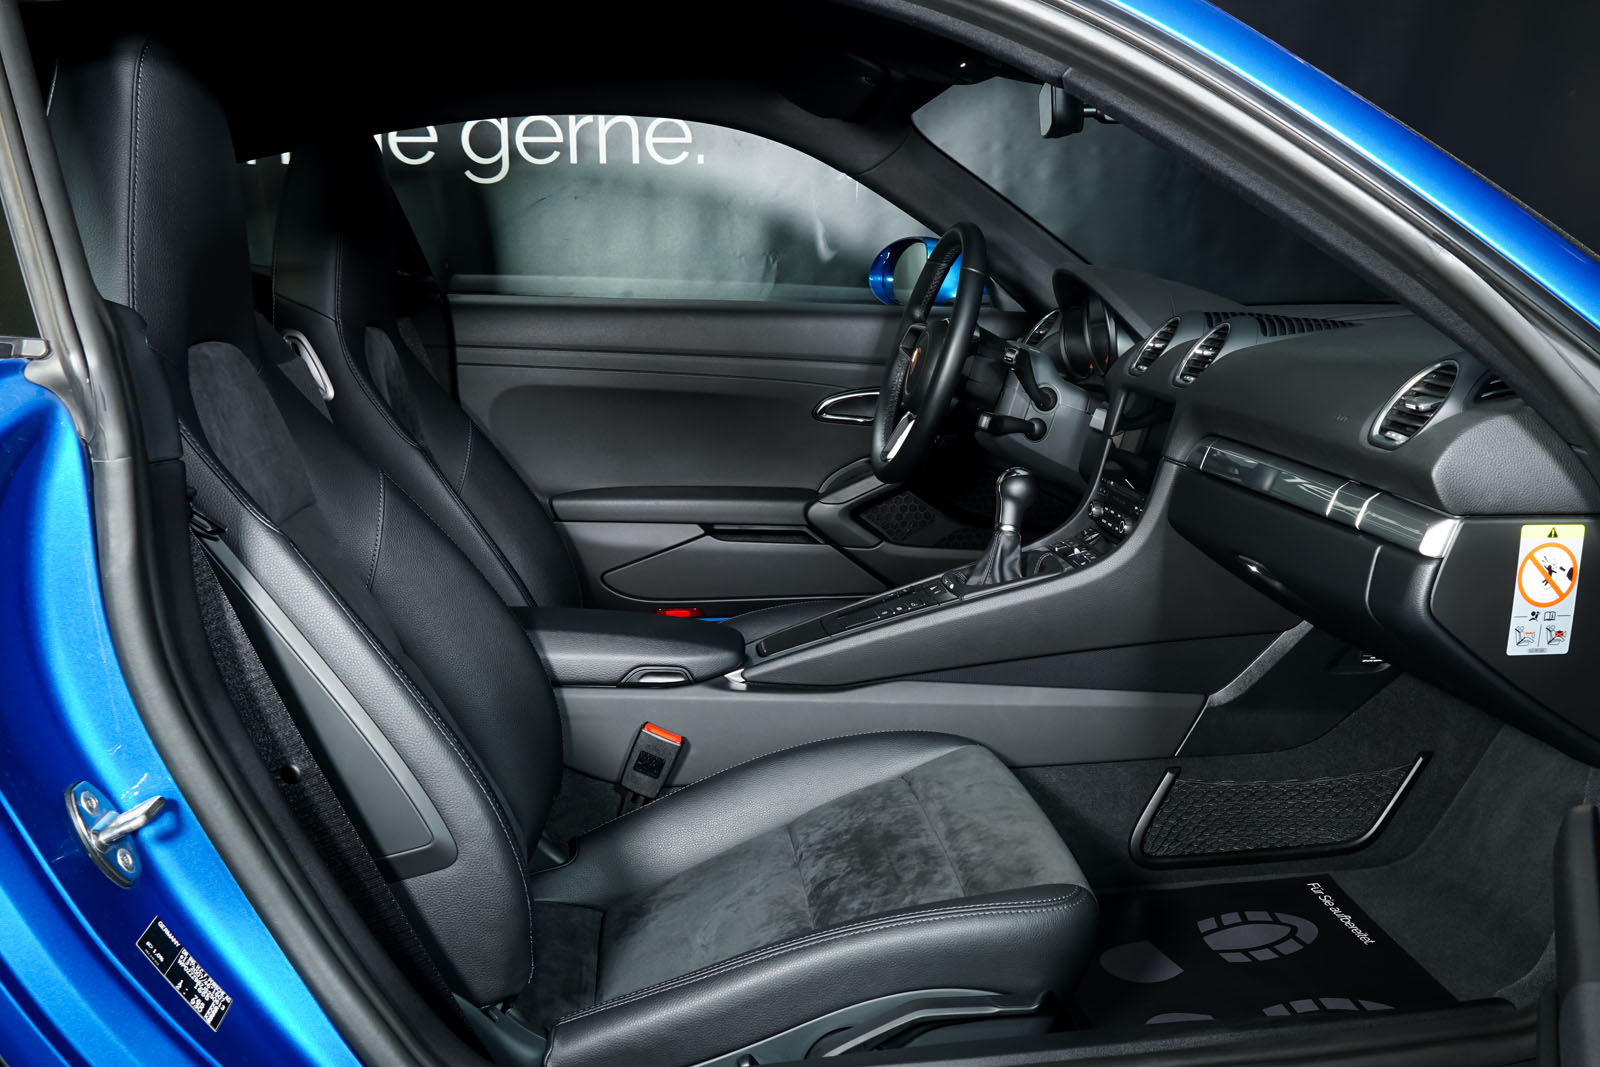 Porsche_Cayman_Blau_Schwarz_POR-0613_17_w